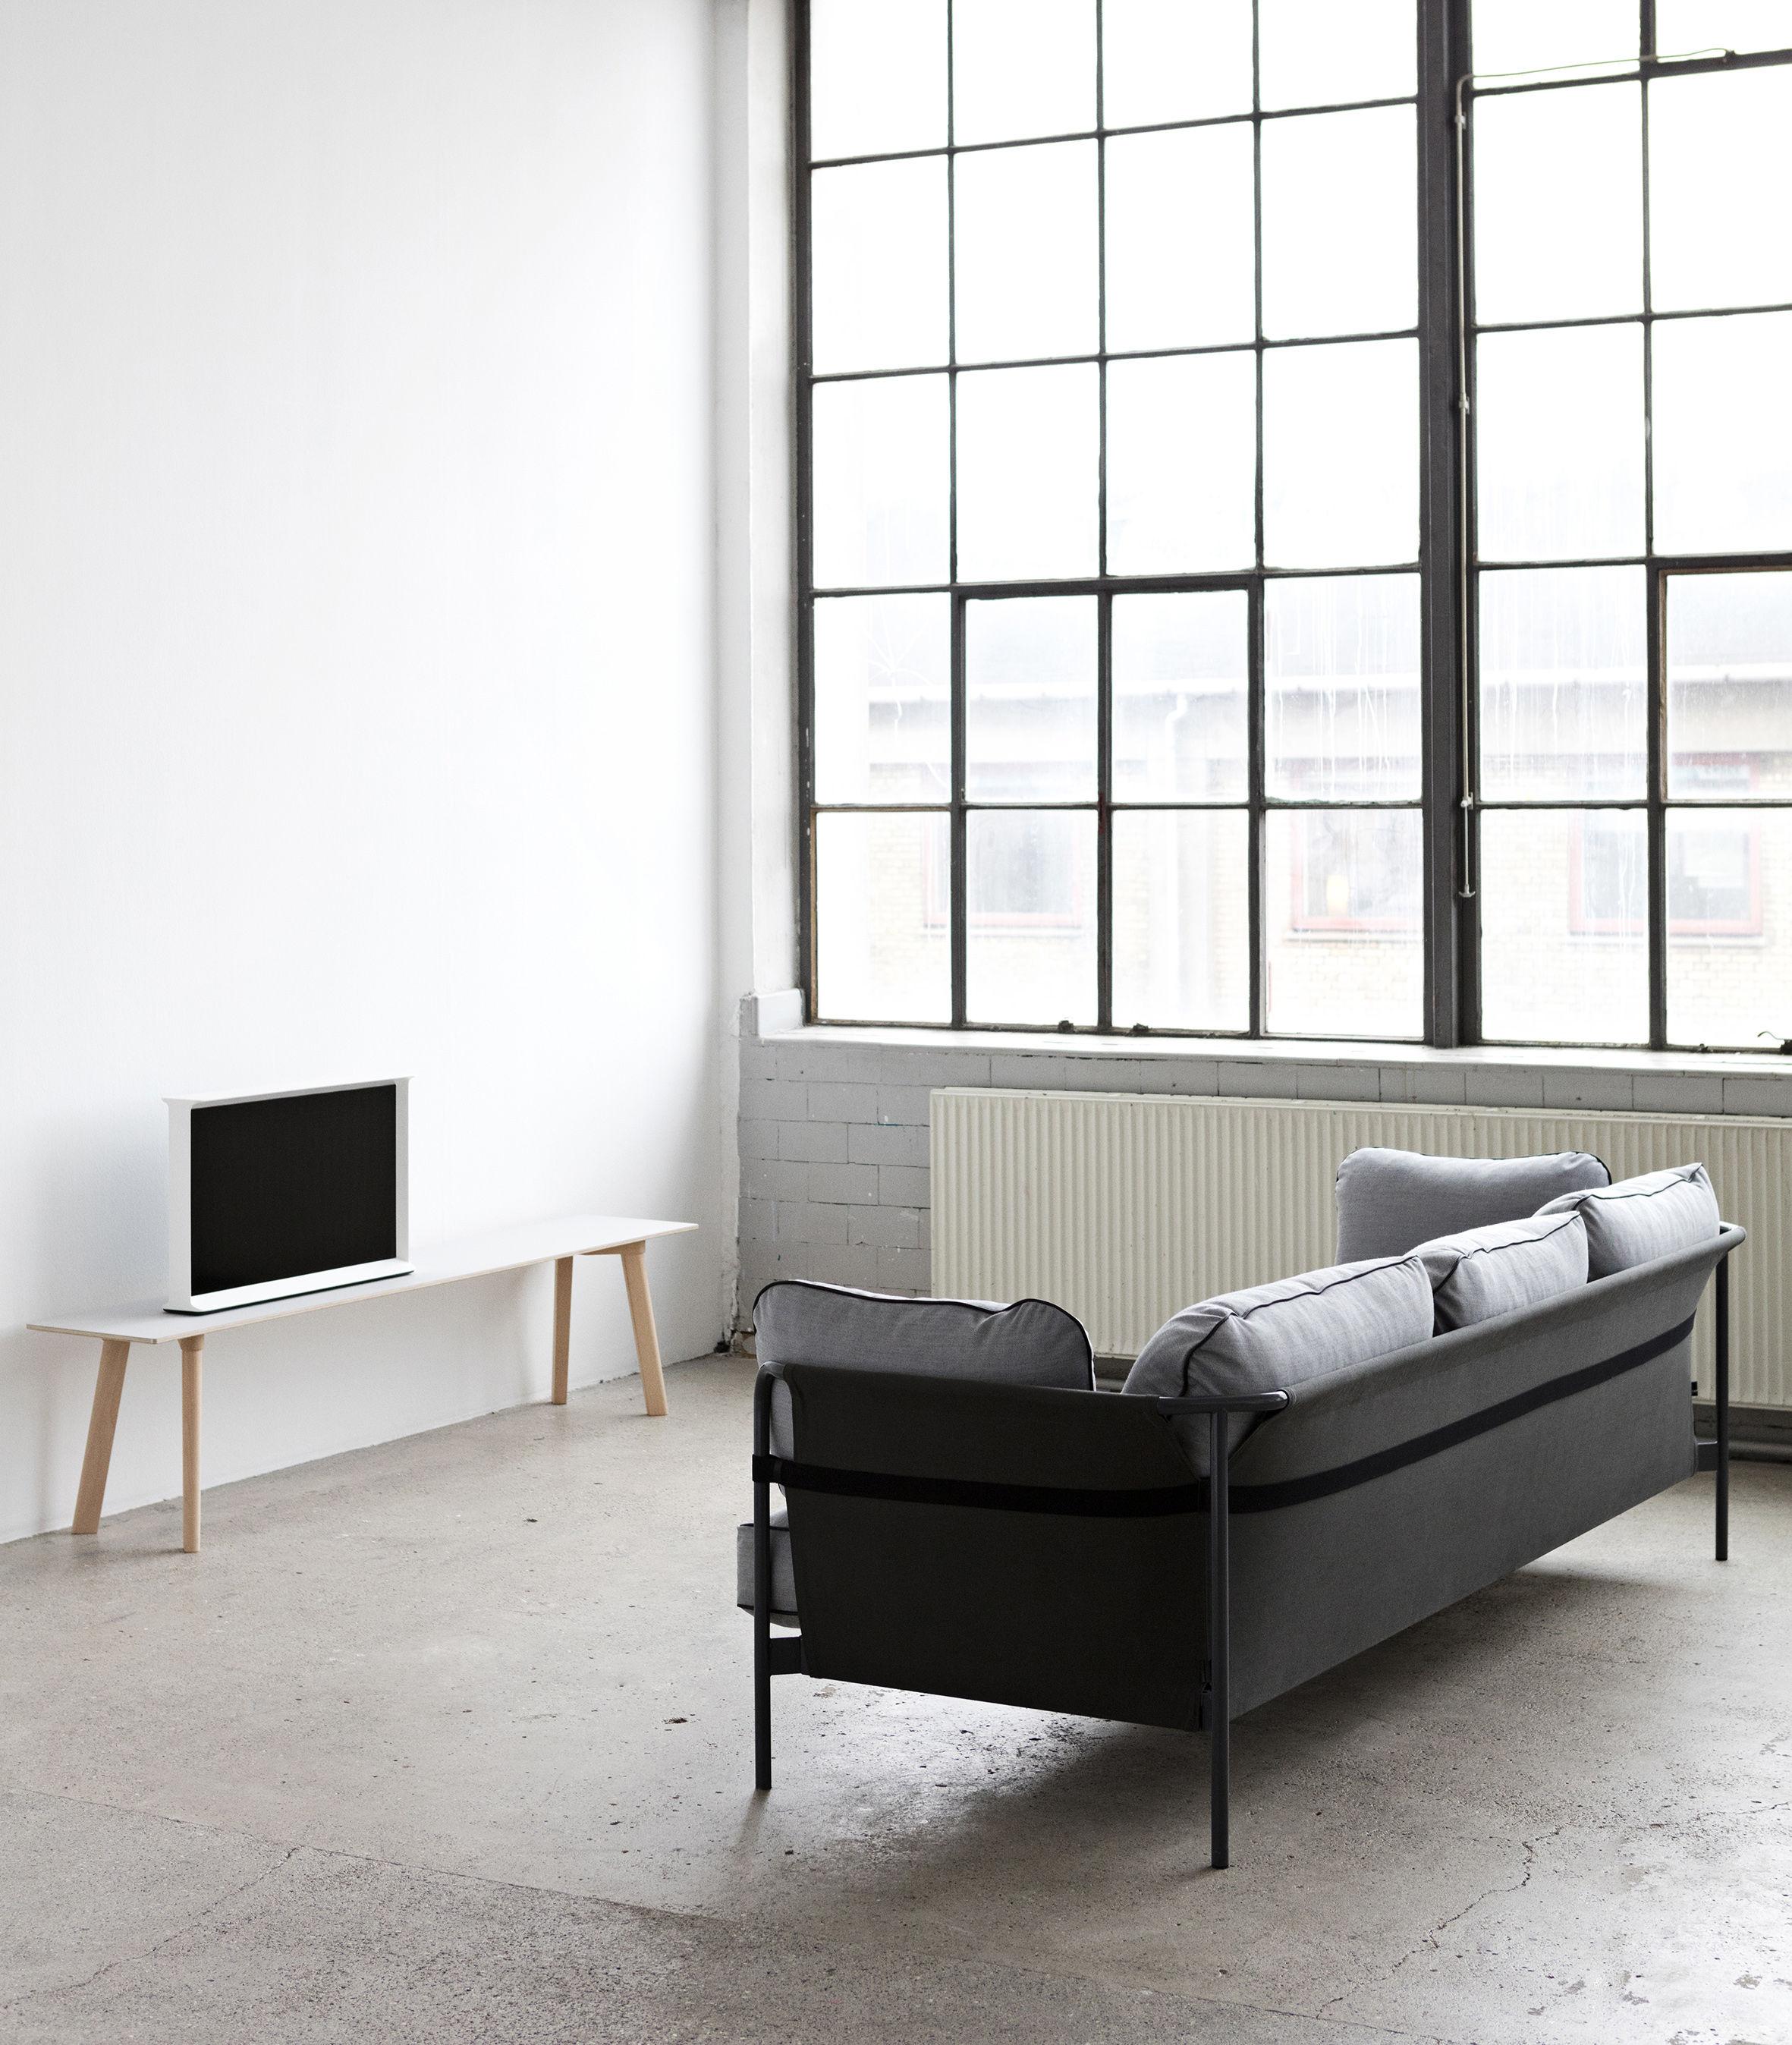 canap droit can 3 places structure grise gris clair c t s kaki hay. Black Bedroom Furniture Sets. Home Design Ideas